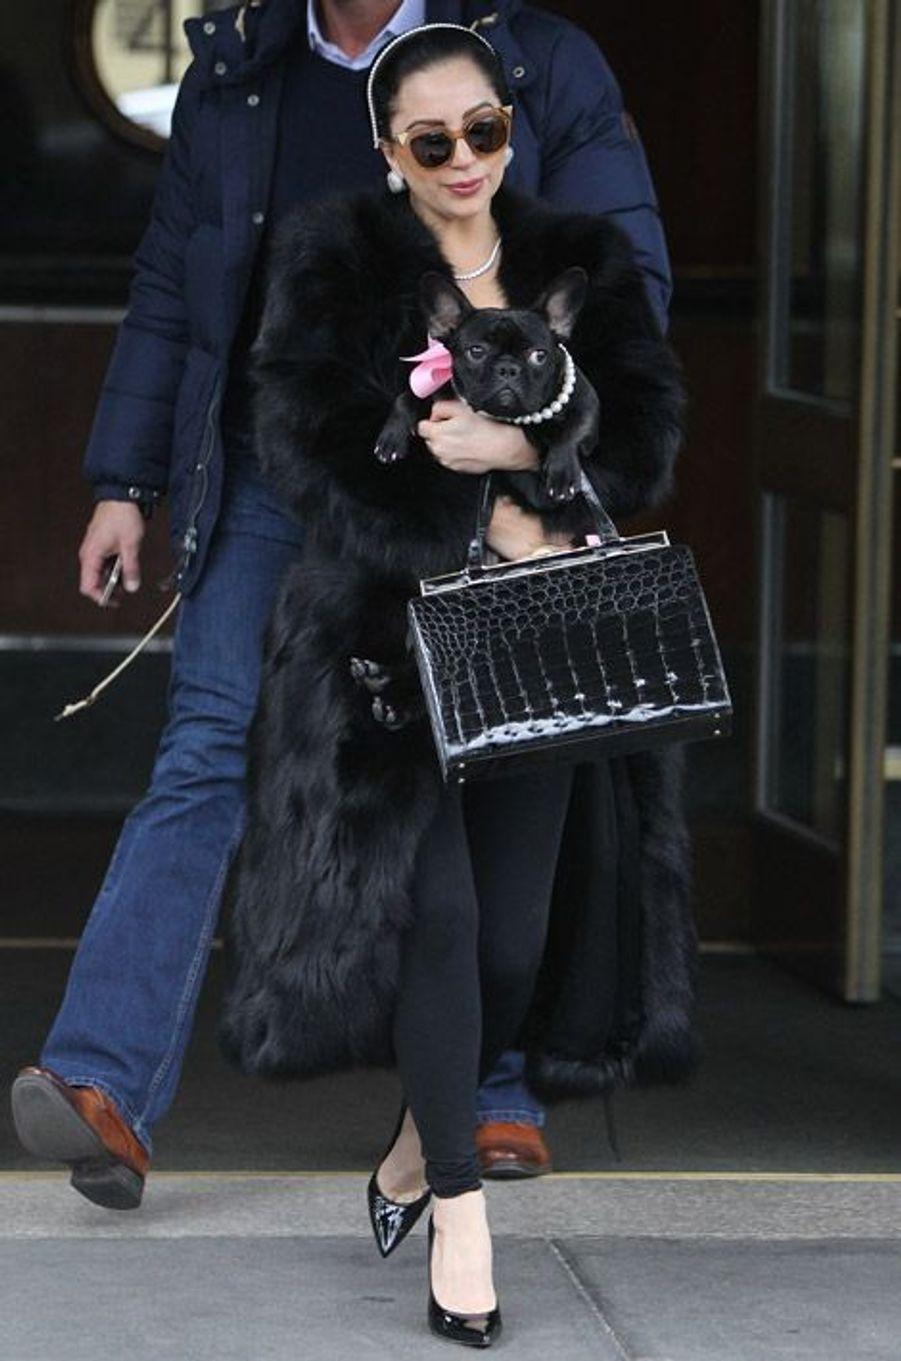 La chanteuse Lady Gaga à la sortie de son appartement de New York, le 22 décembre 2014